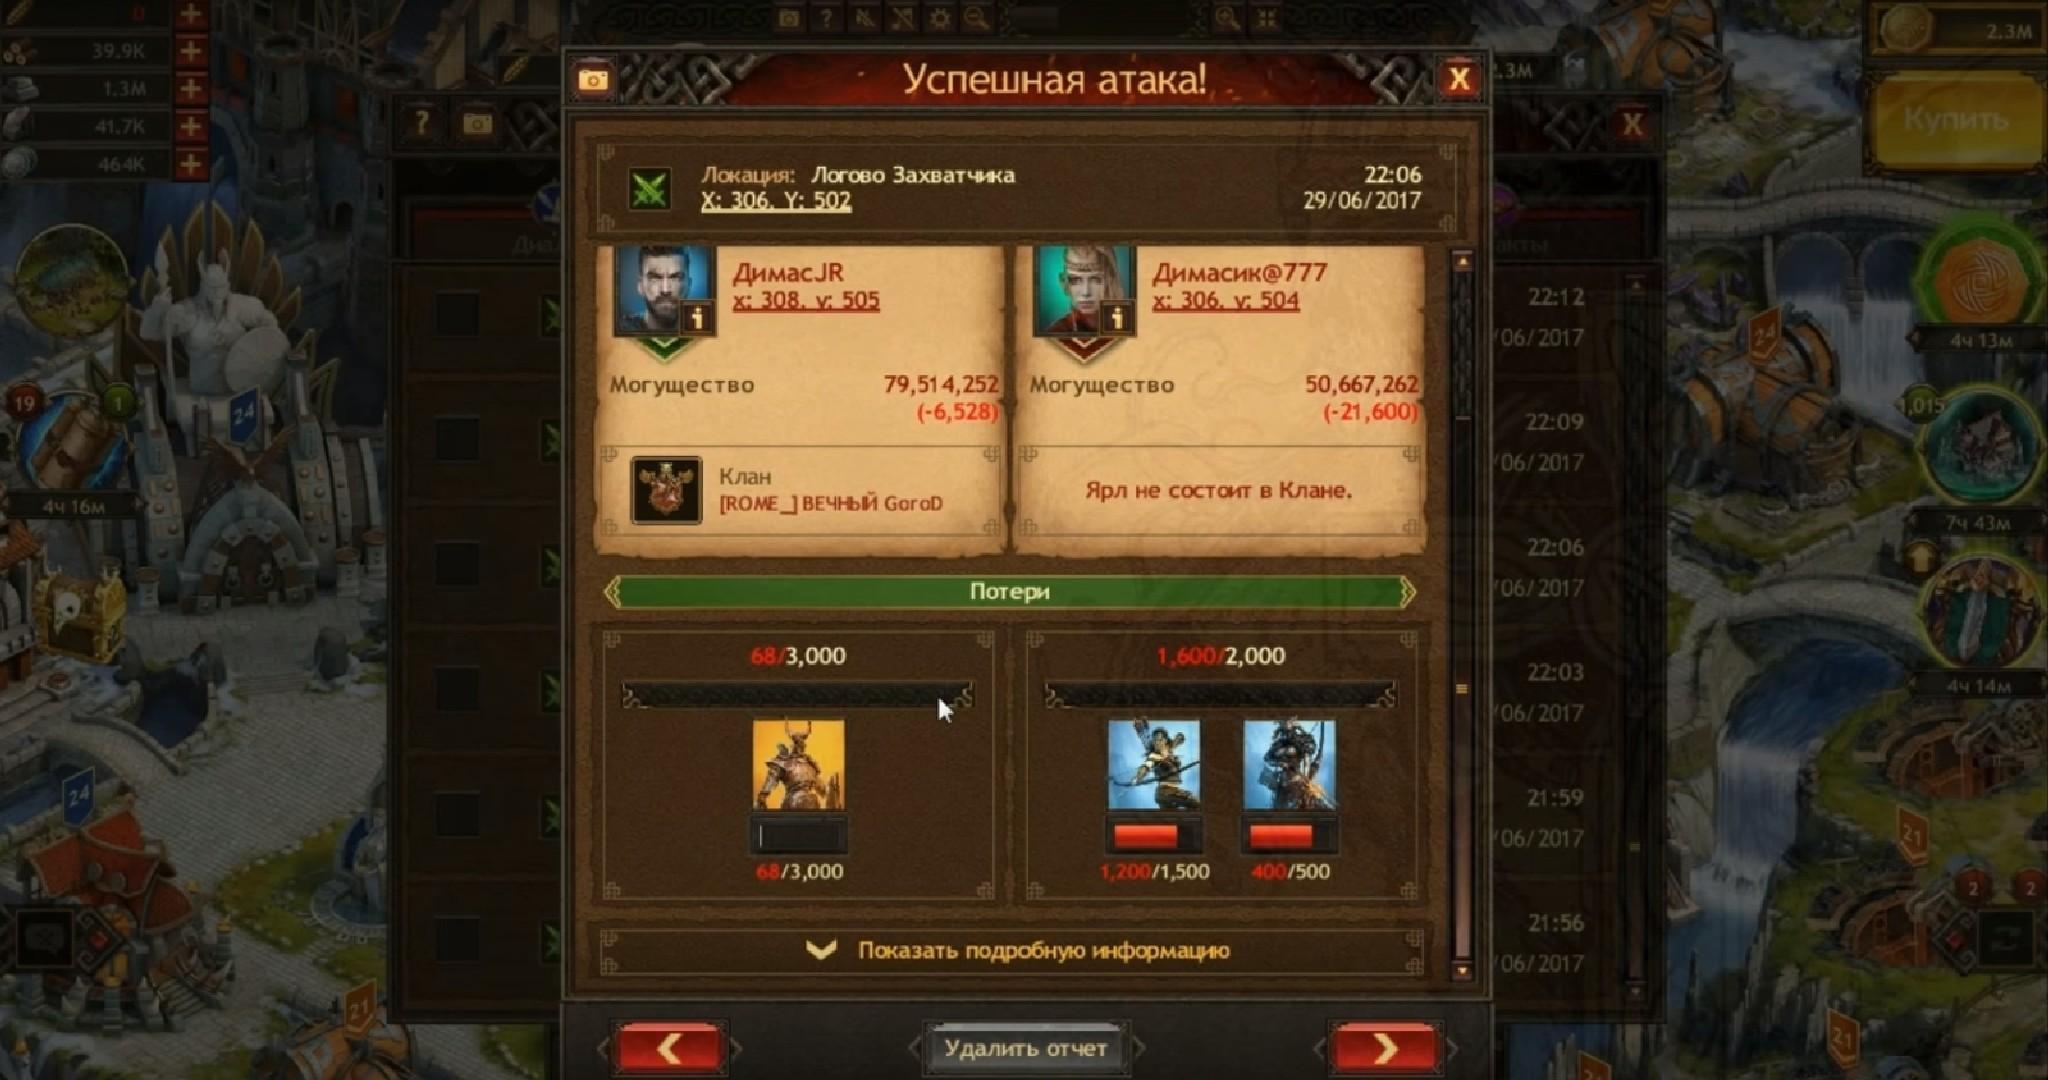 Викинги Война кланов играть онлайн в браузере.